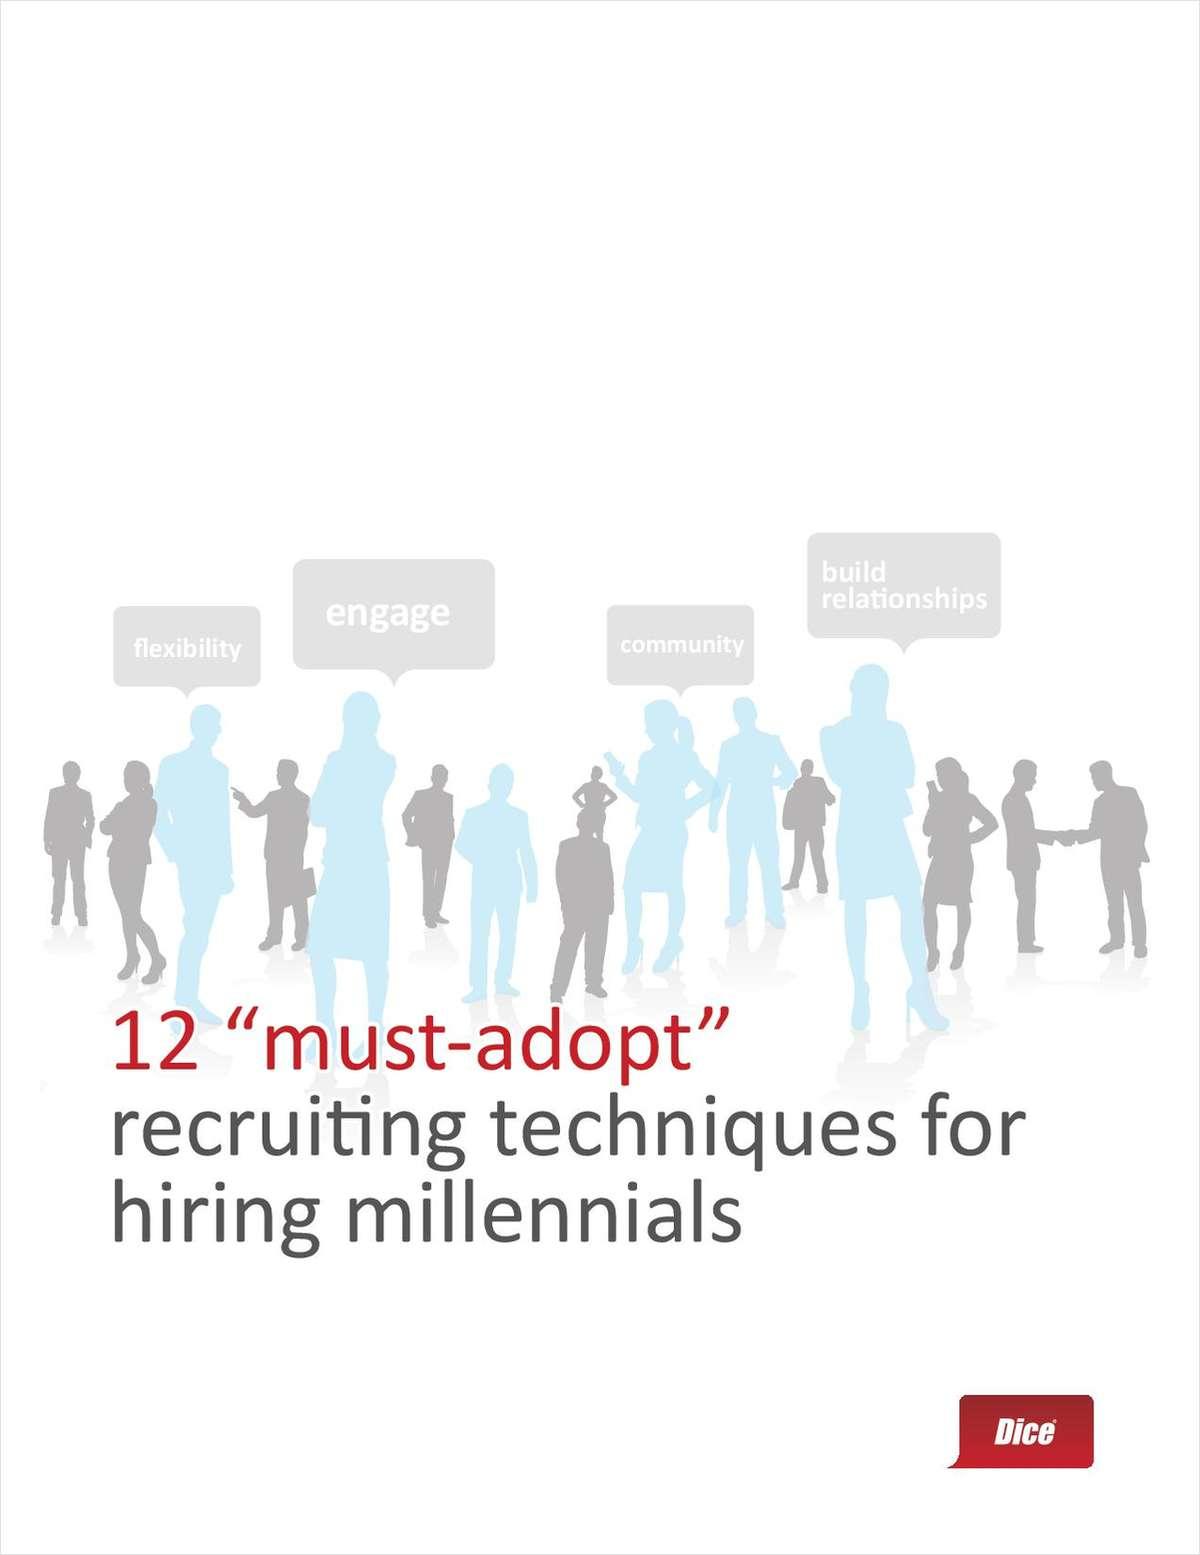 12 must-adopt recruiting techniques for hiring millennials